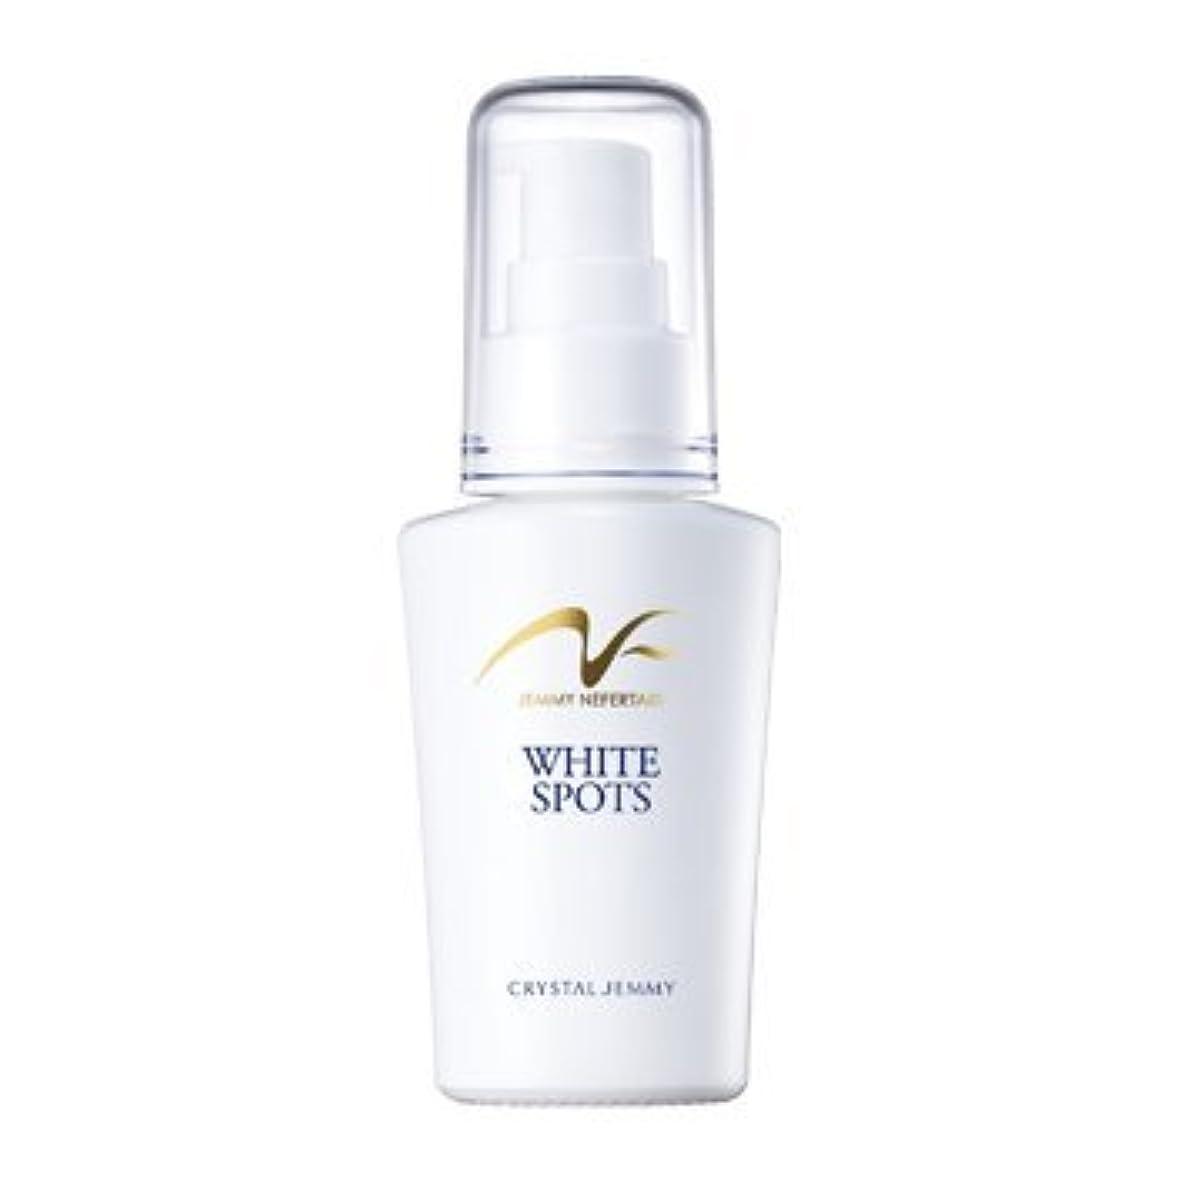 ミリメートル謝罪国内のクリスタルジェミー ジェミーネフェルタリ薬用ホワイトスポッツ 美容液 美白 集中 シミ 対策